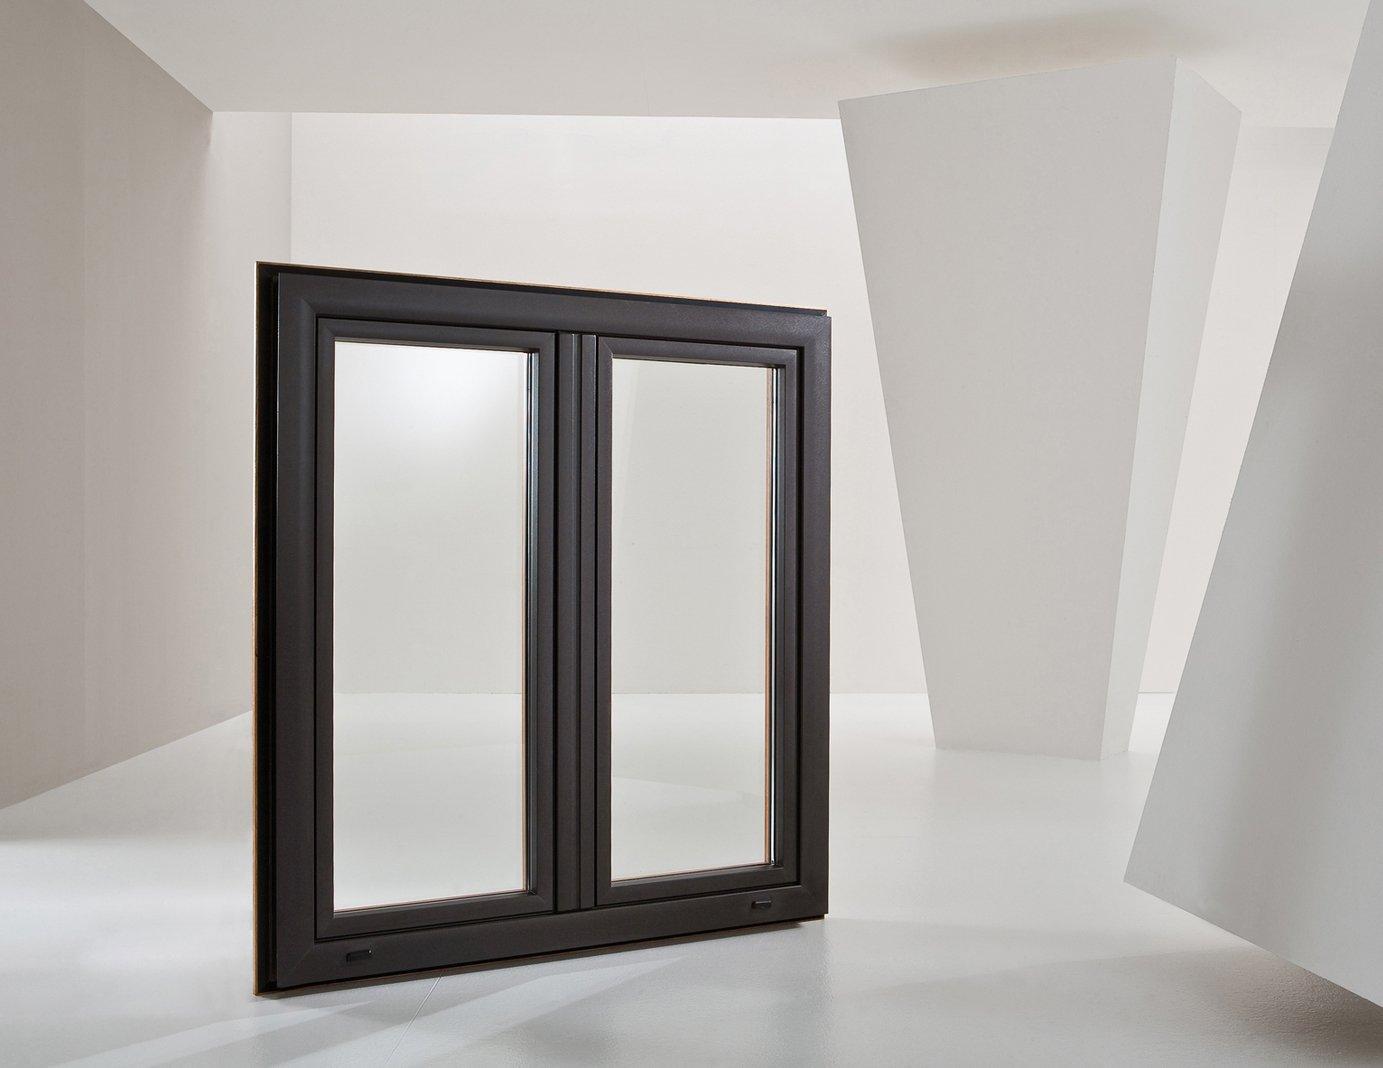 Finestra quale materiale preferire cose di casa - Prezzo finestra alluminio ...